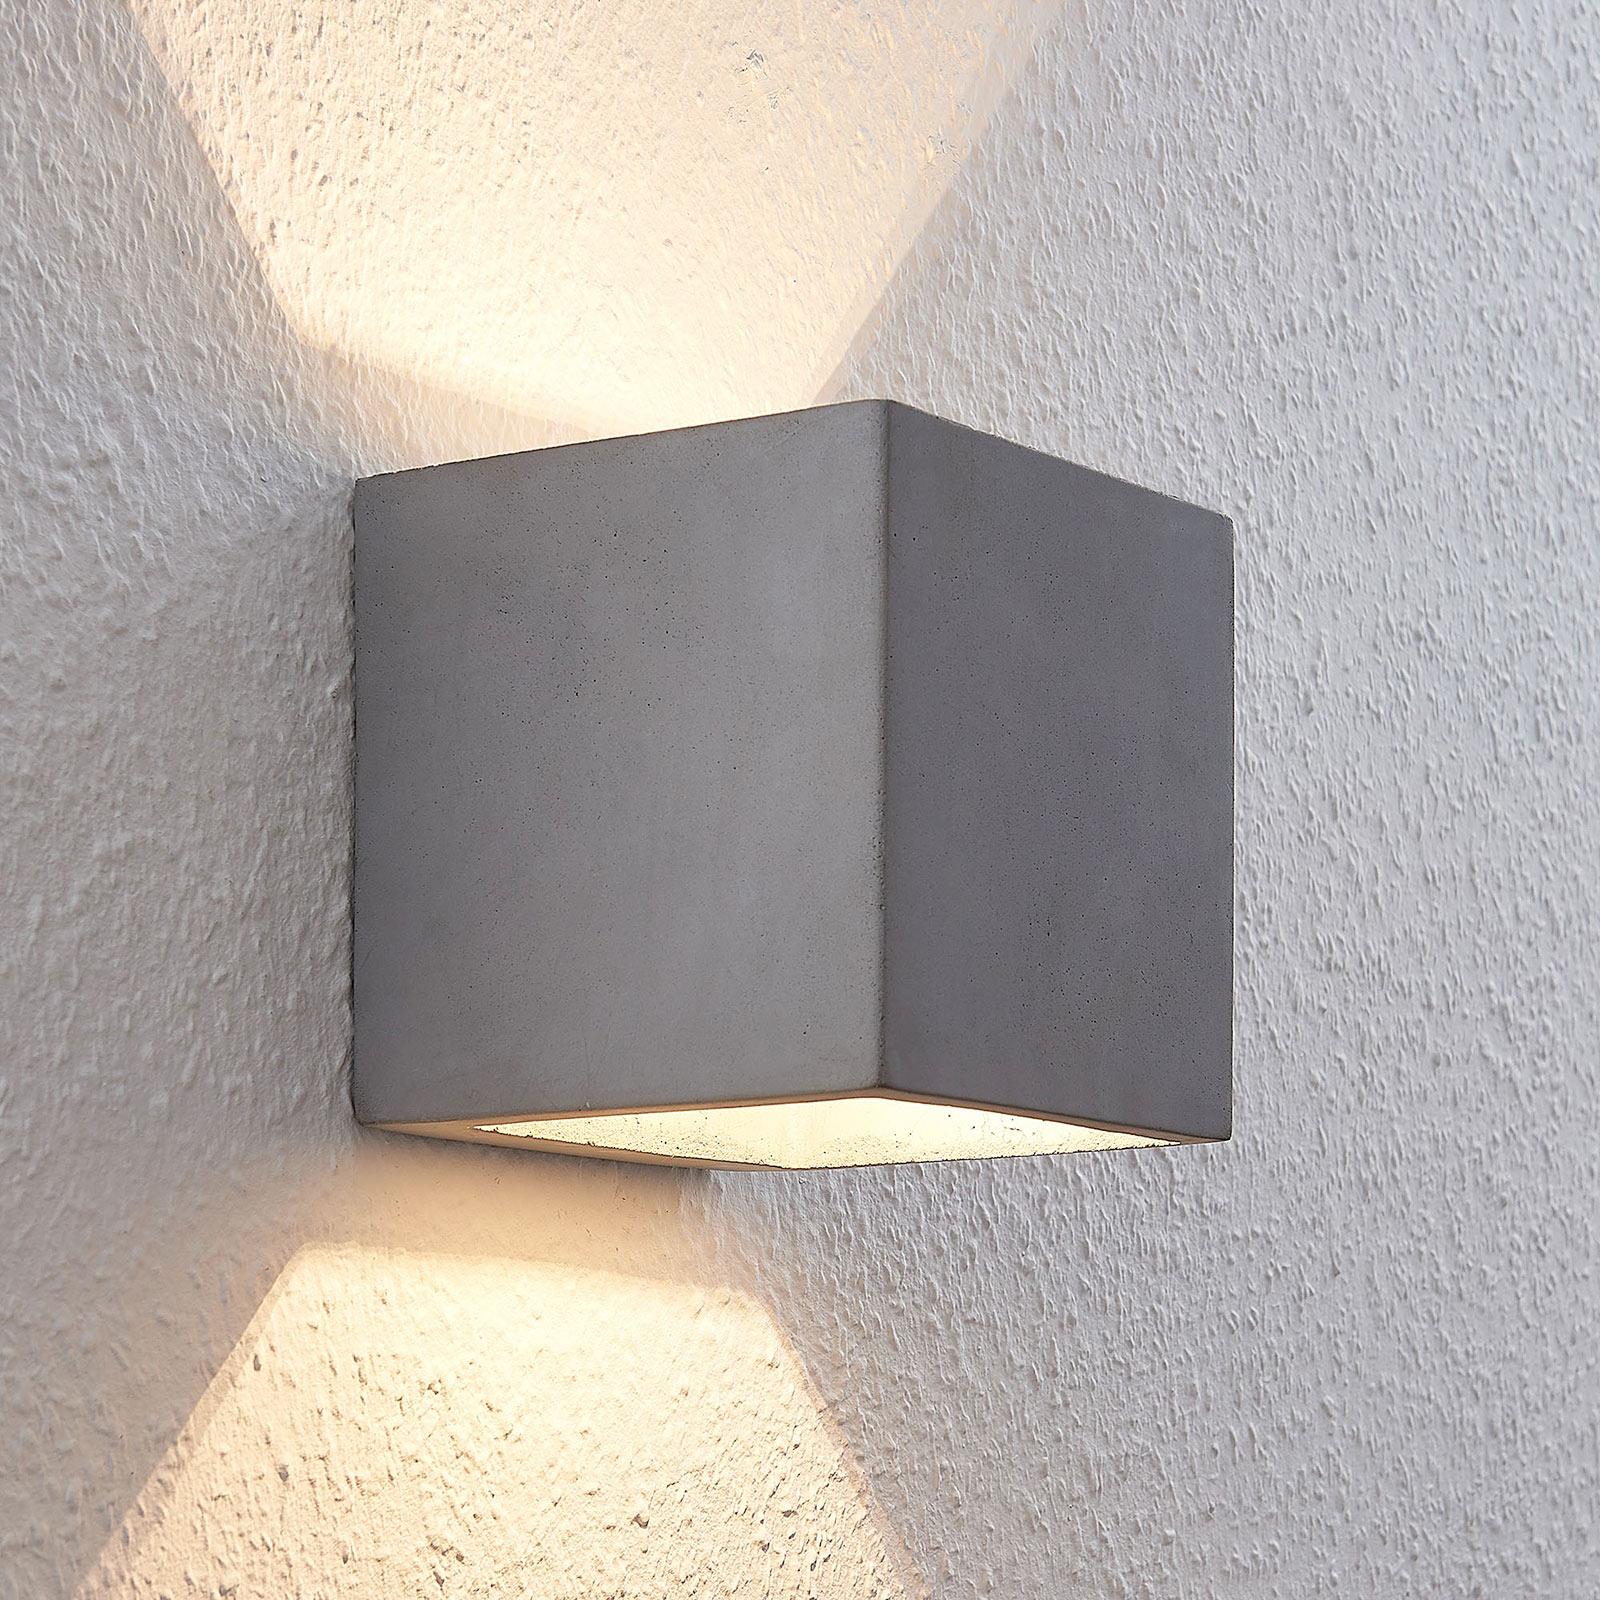 LED-vegglampe Keir av betong